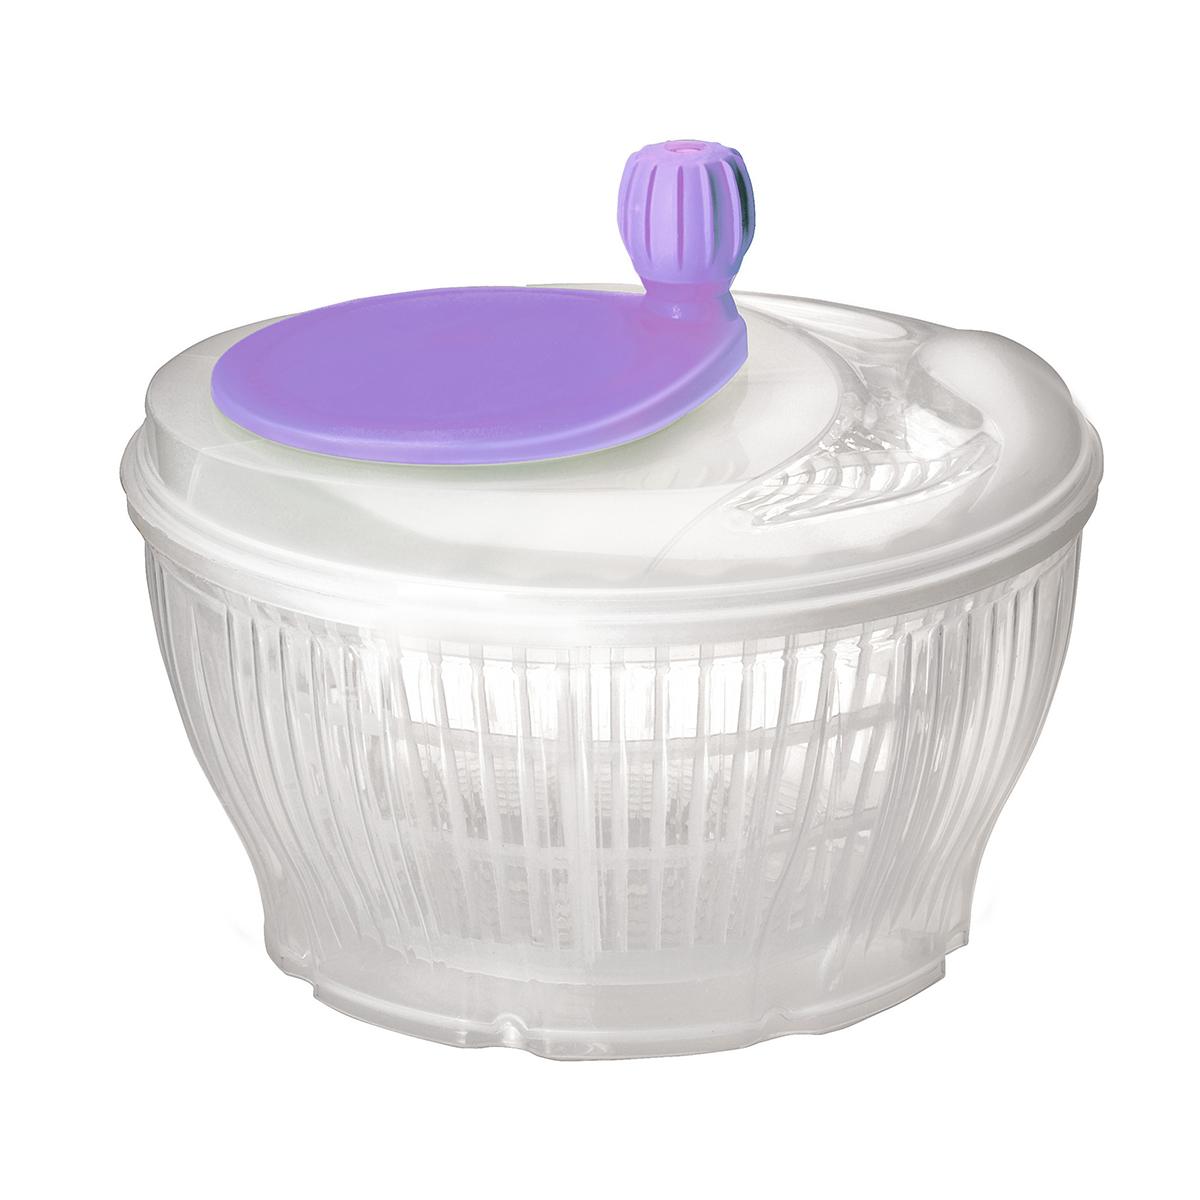 Στραγγιστήρι – Σουρωτήρι Λαχανικών Abert Purple AVARITCI01